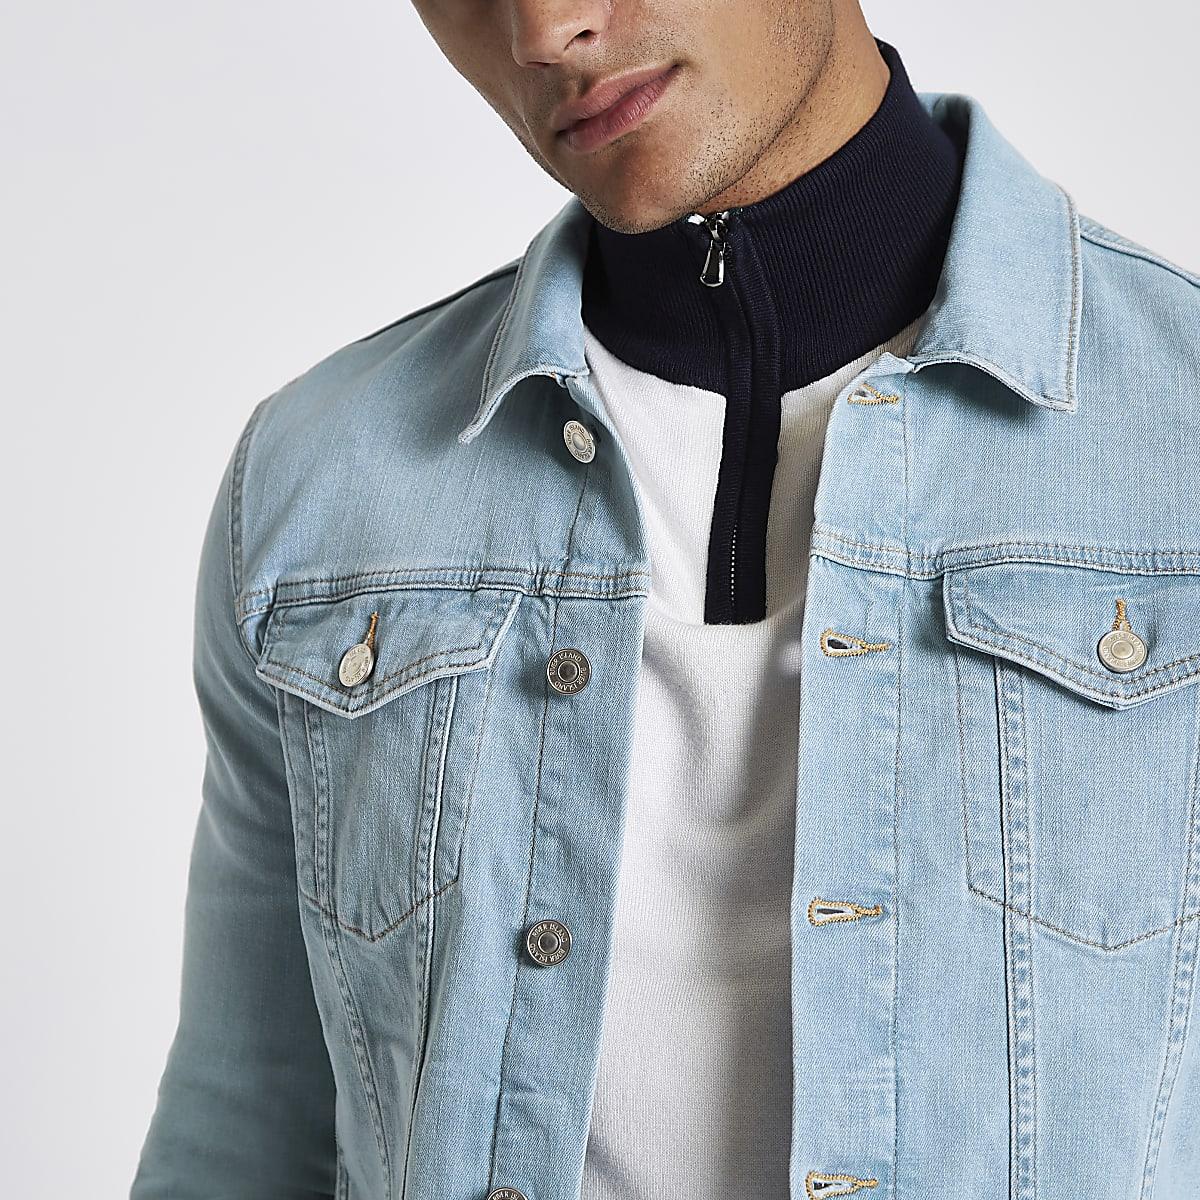 Veste en jean ajustée bleu clair délavée